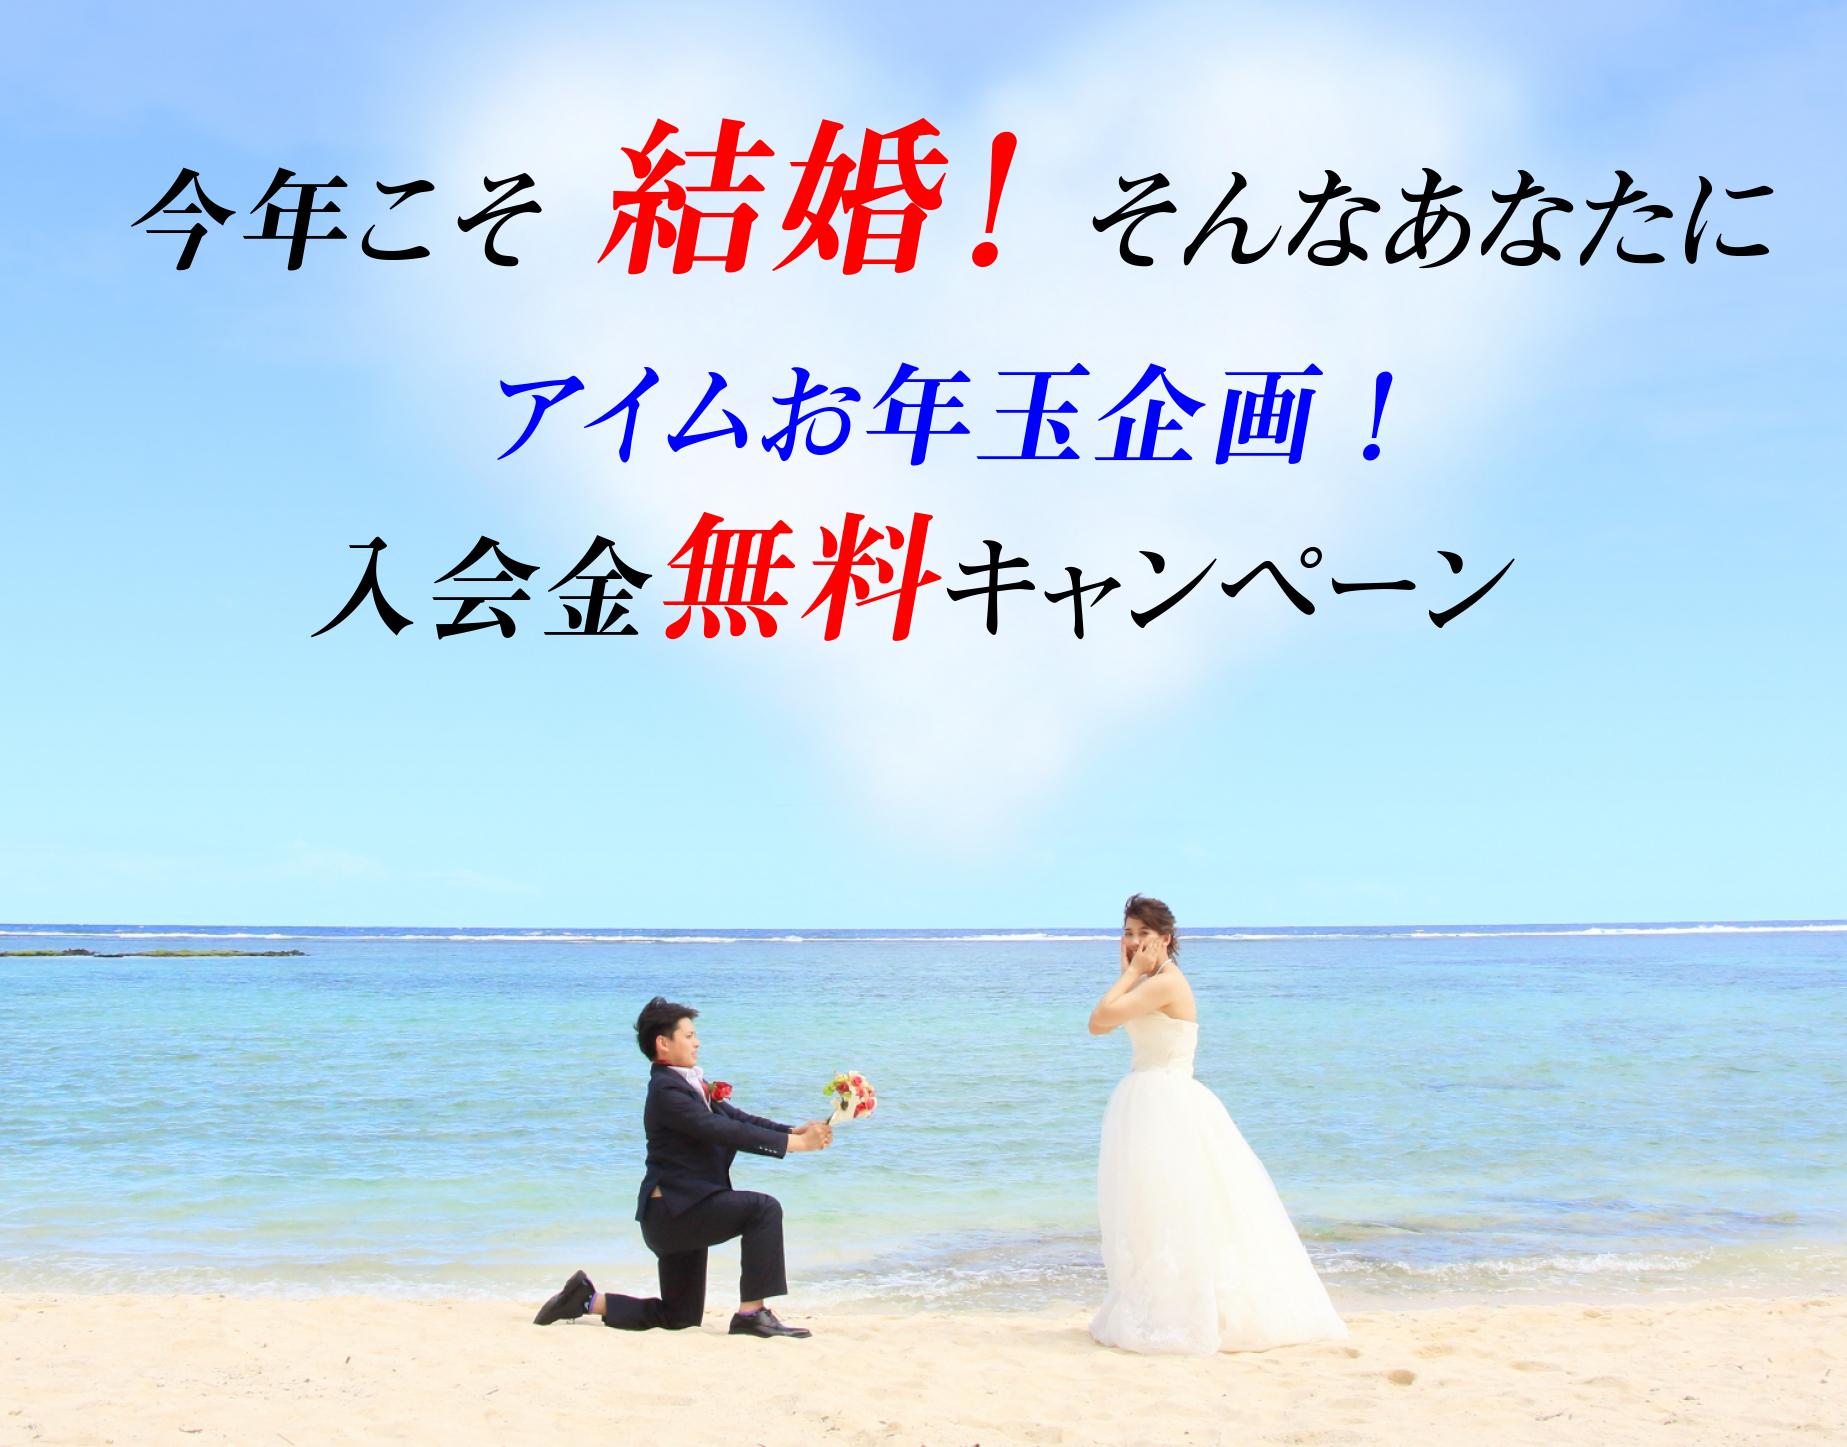 アイムお年玉キャンペーン